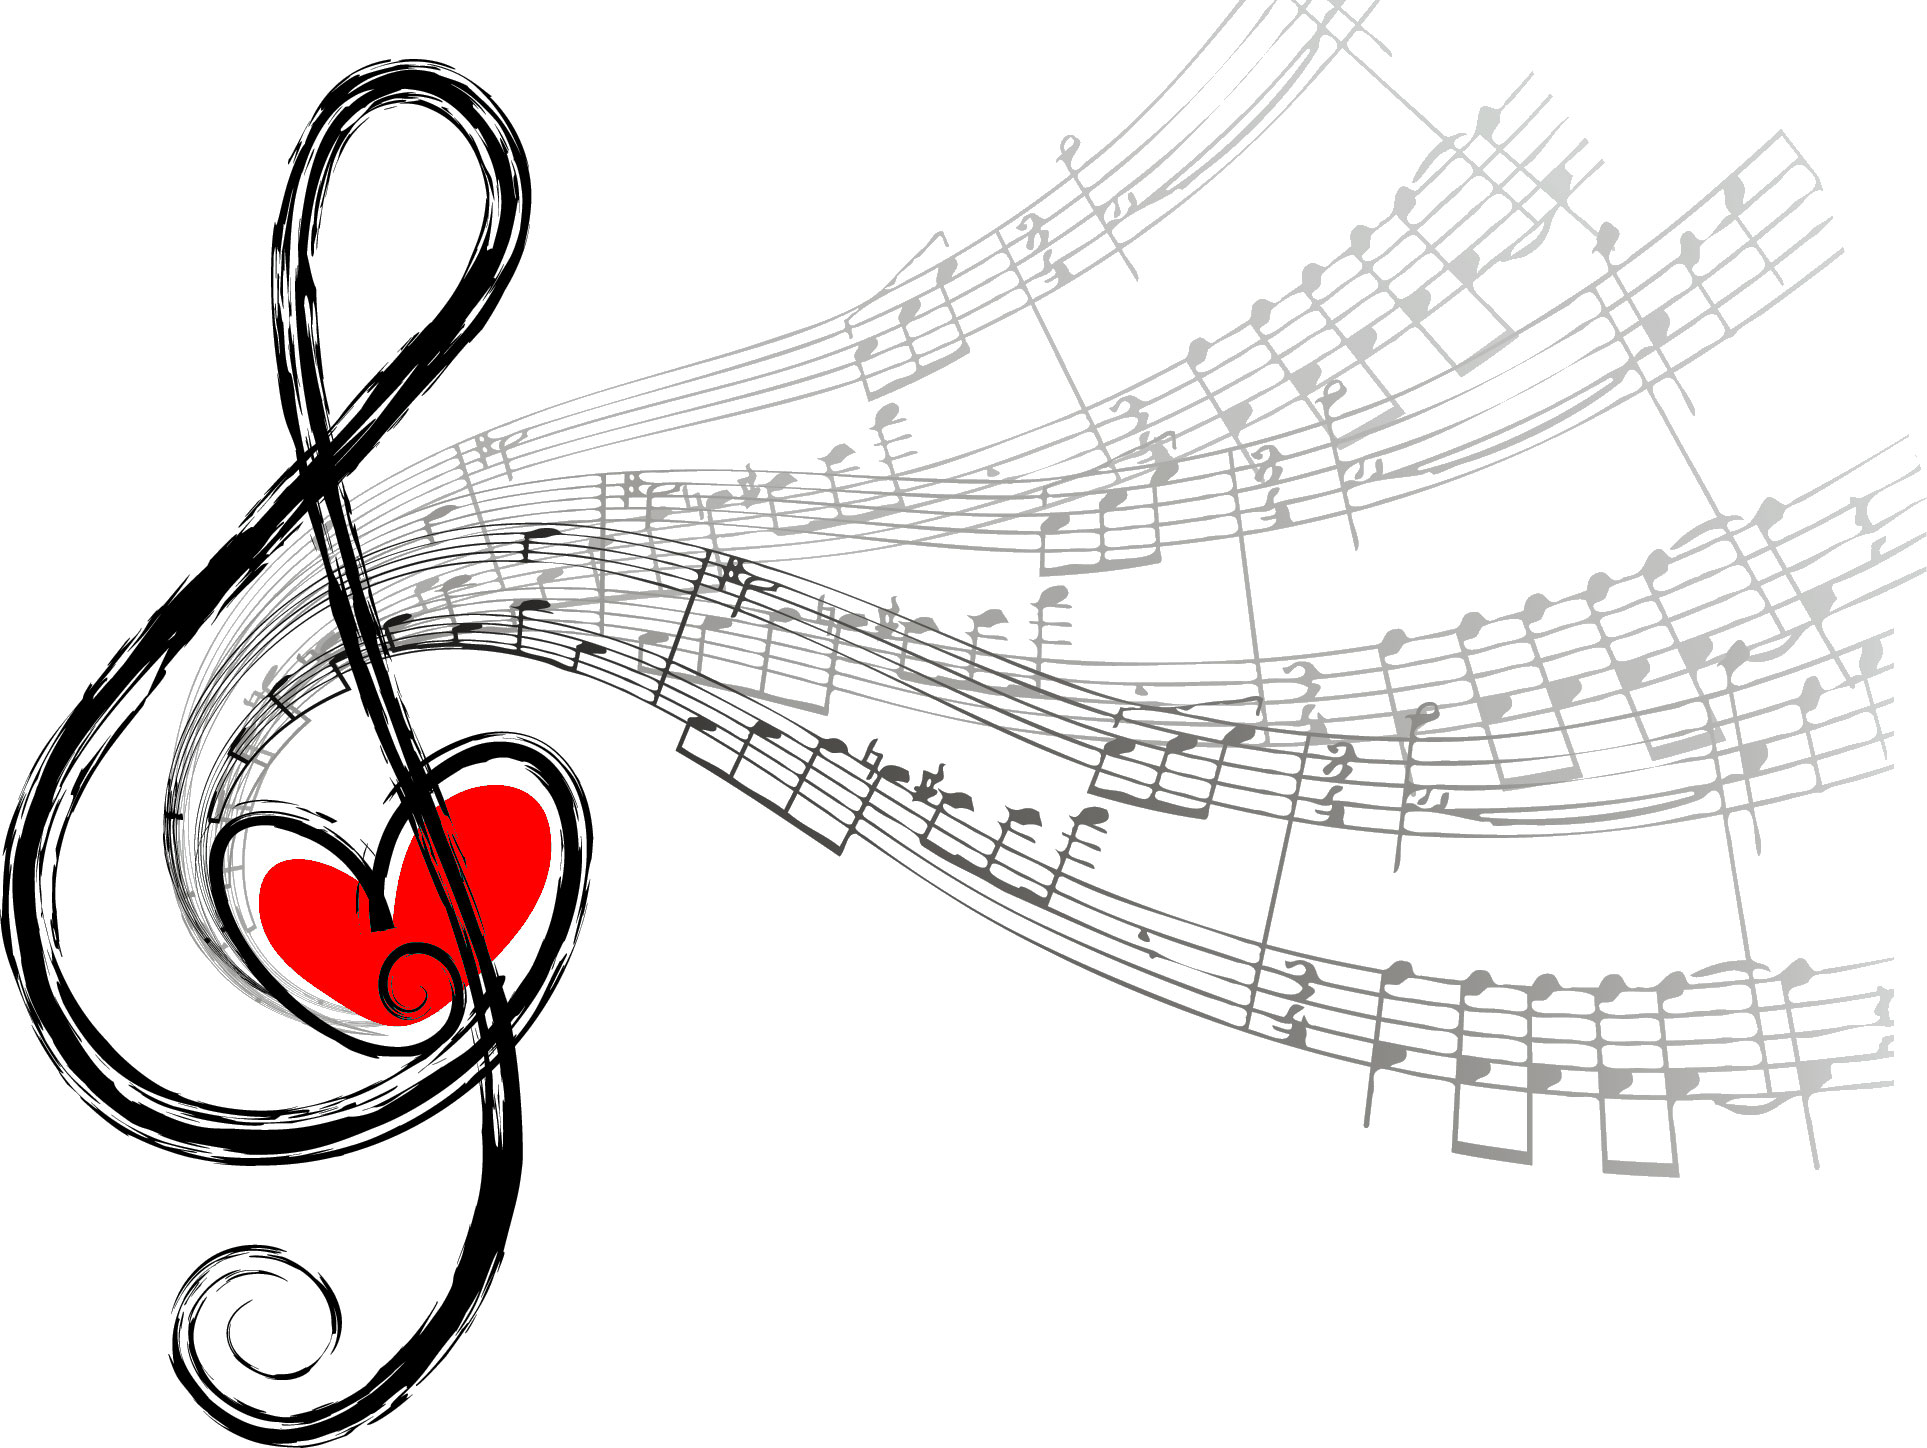 音符イラスト「楽譜とハートマーク」- 無料のフリー素材